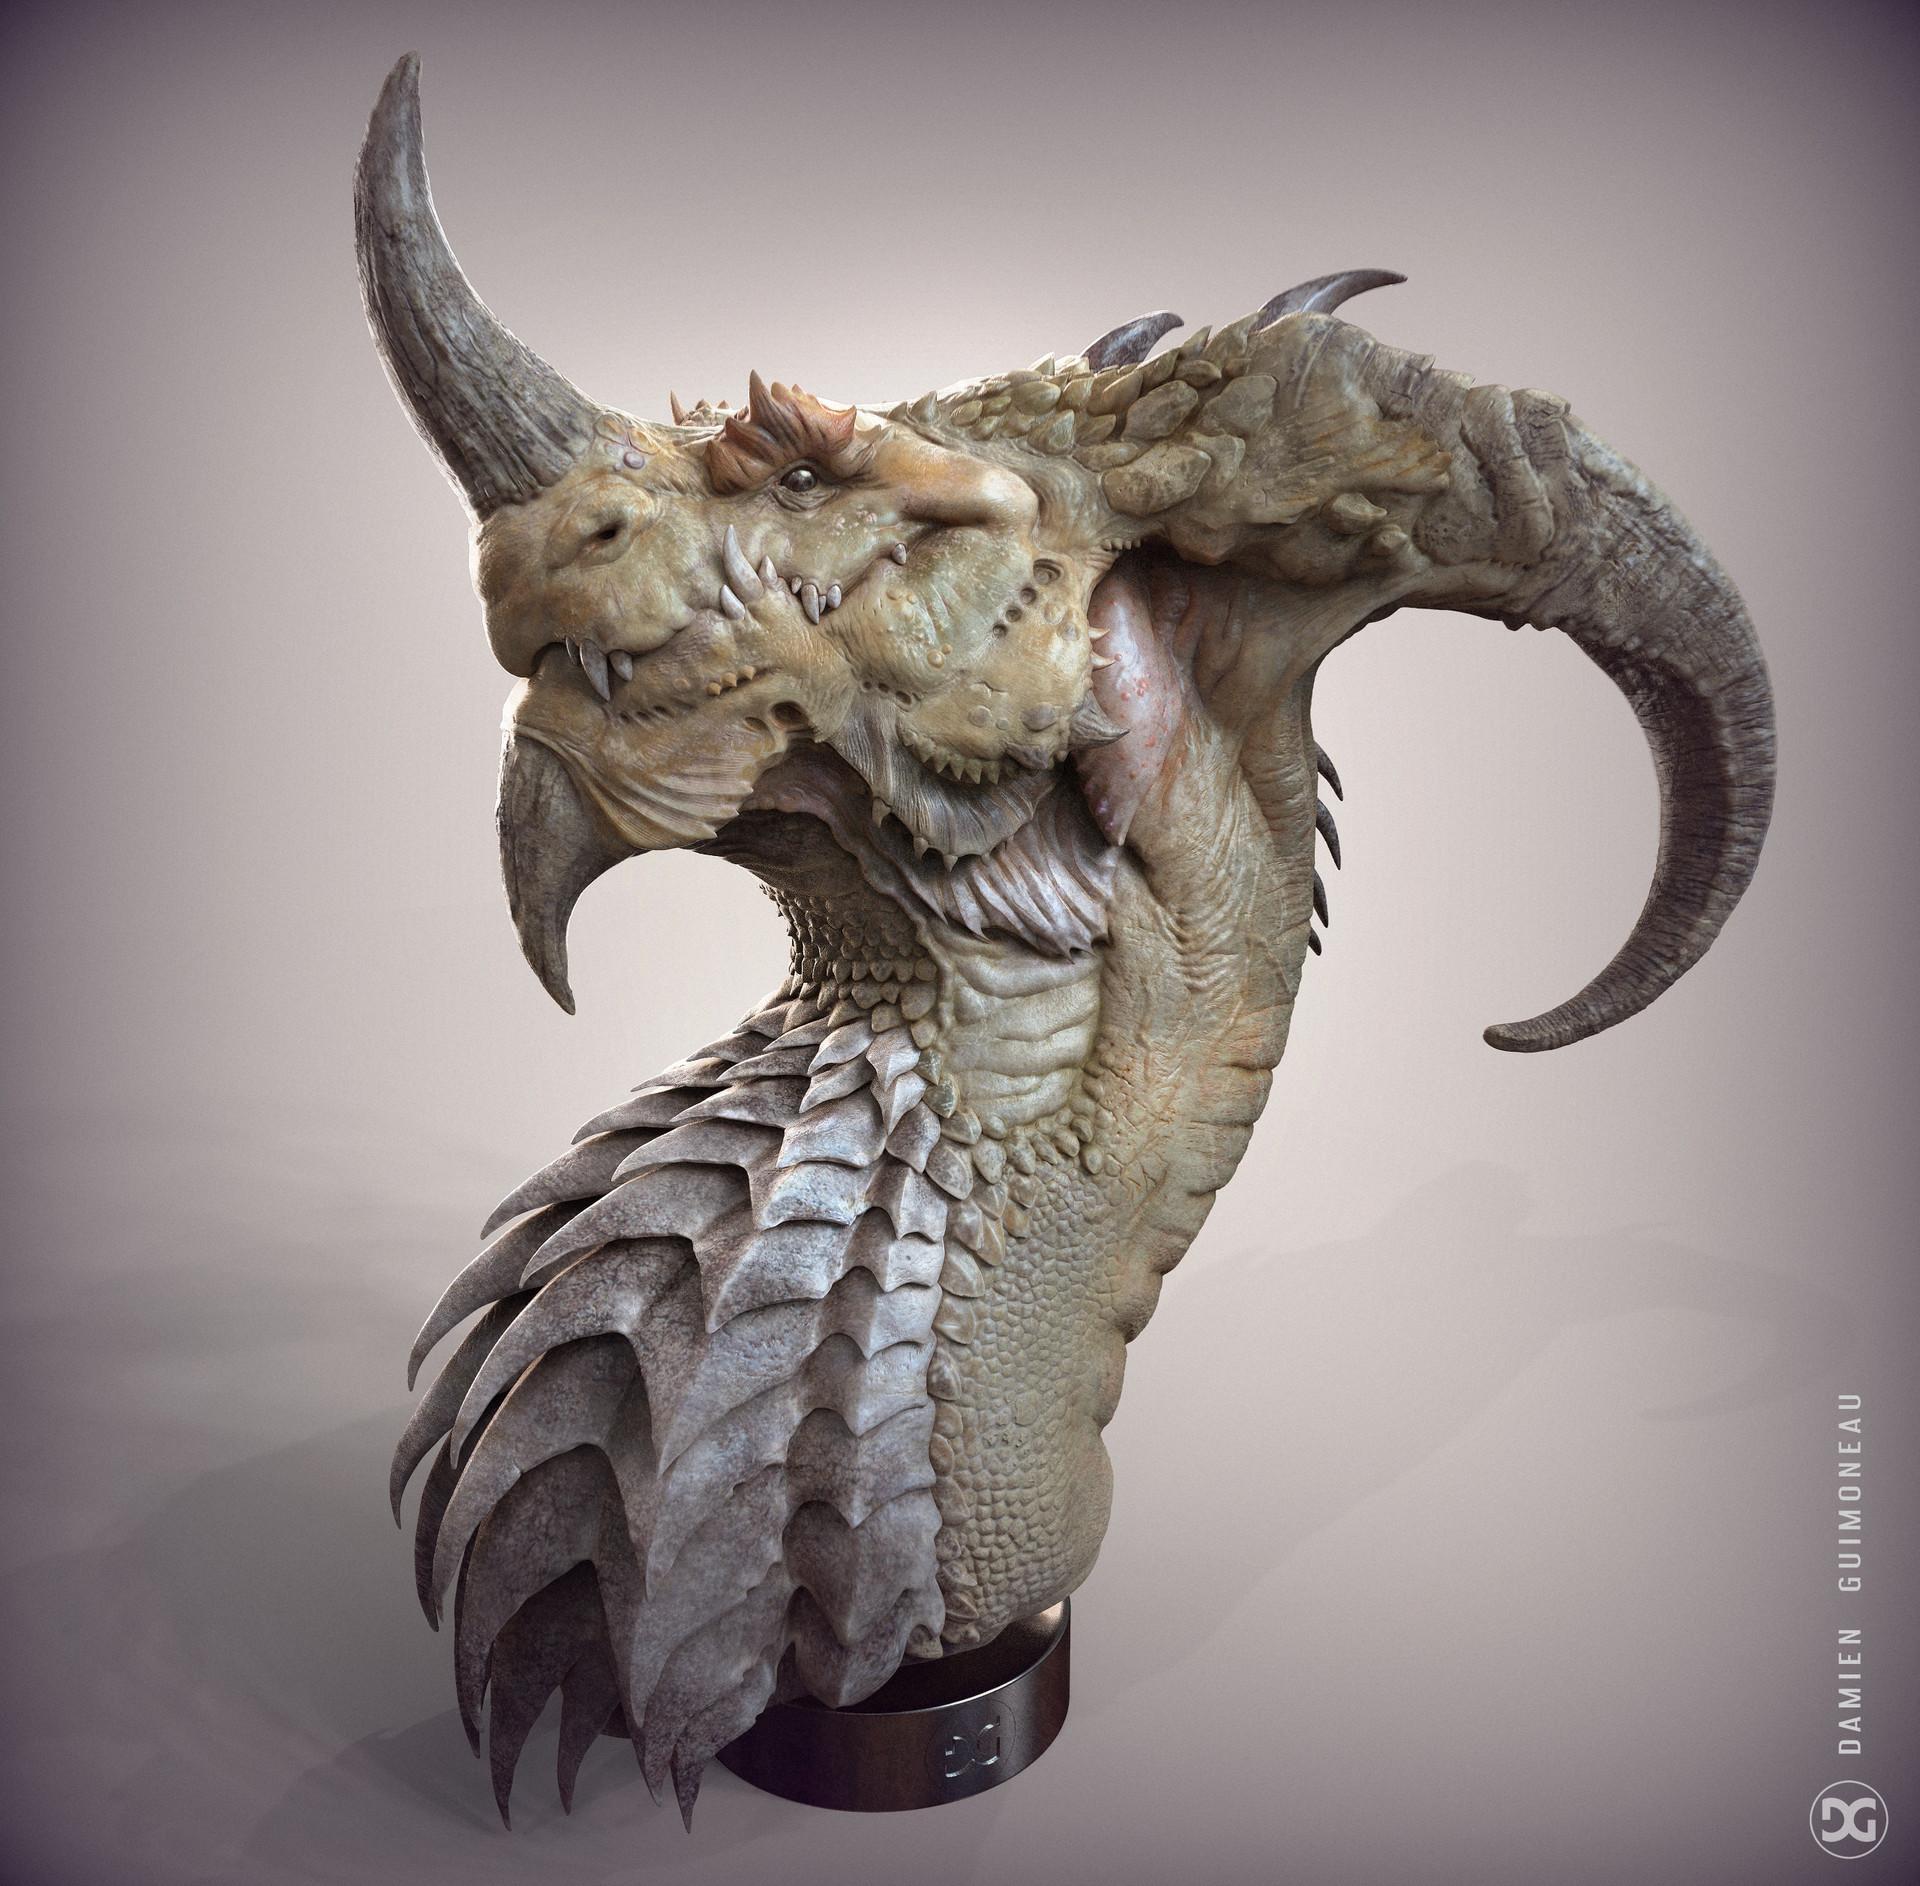 [Image: damien-guimoneau-dragoncolor.jpg?1518605924]